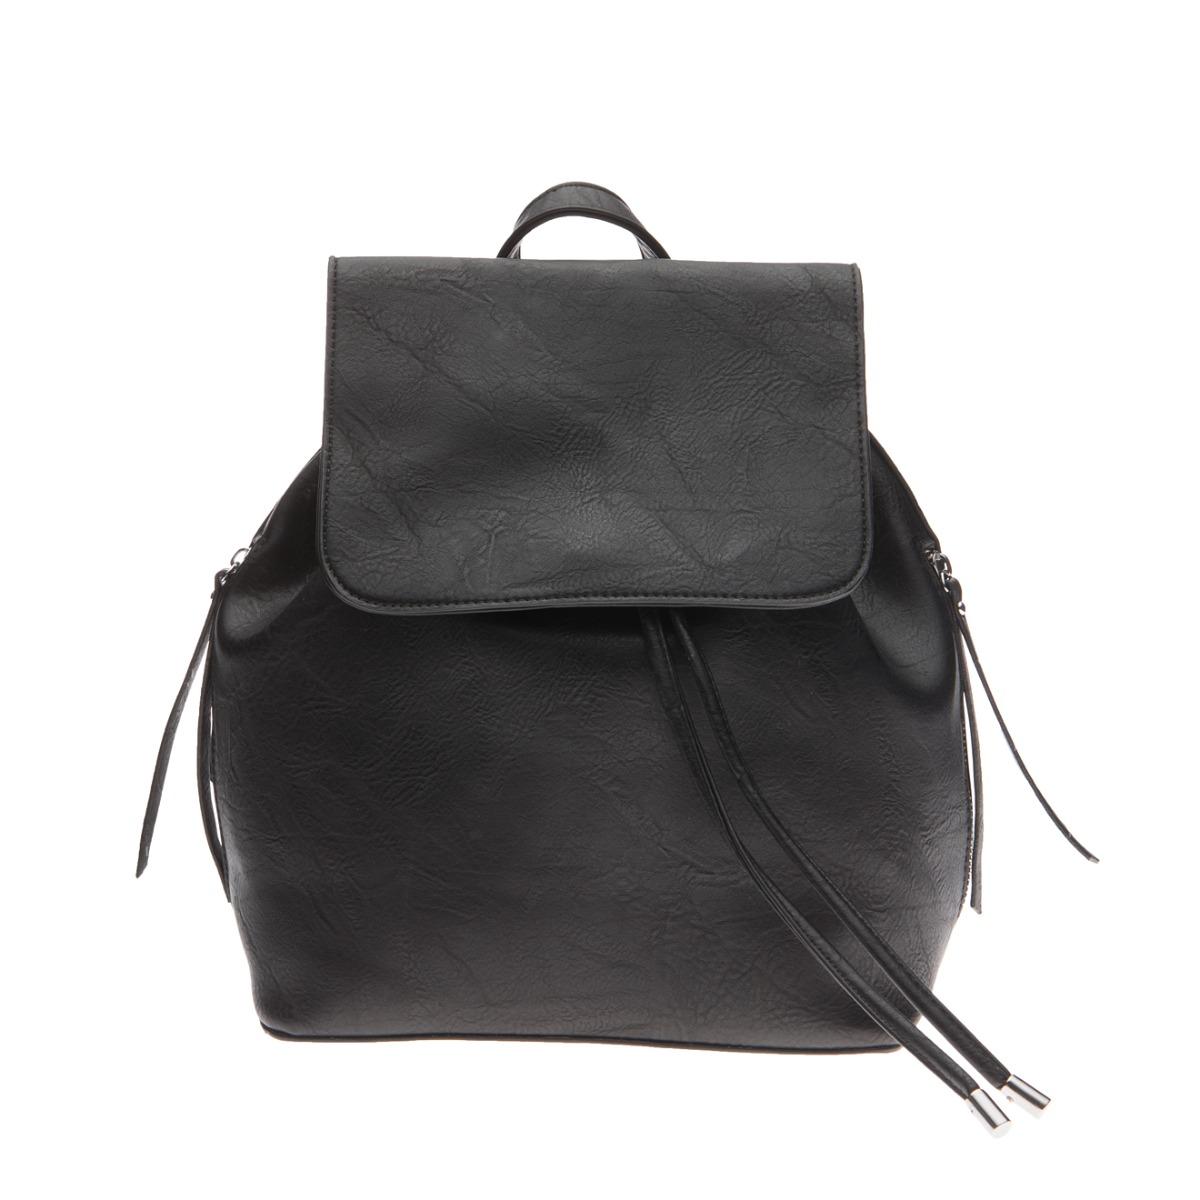 N-9673/FL19 BACKPACK BAG